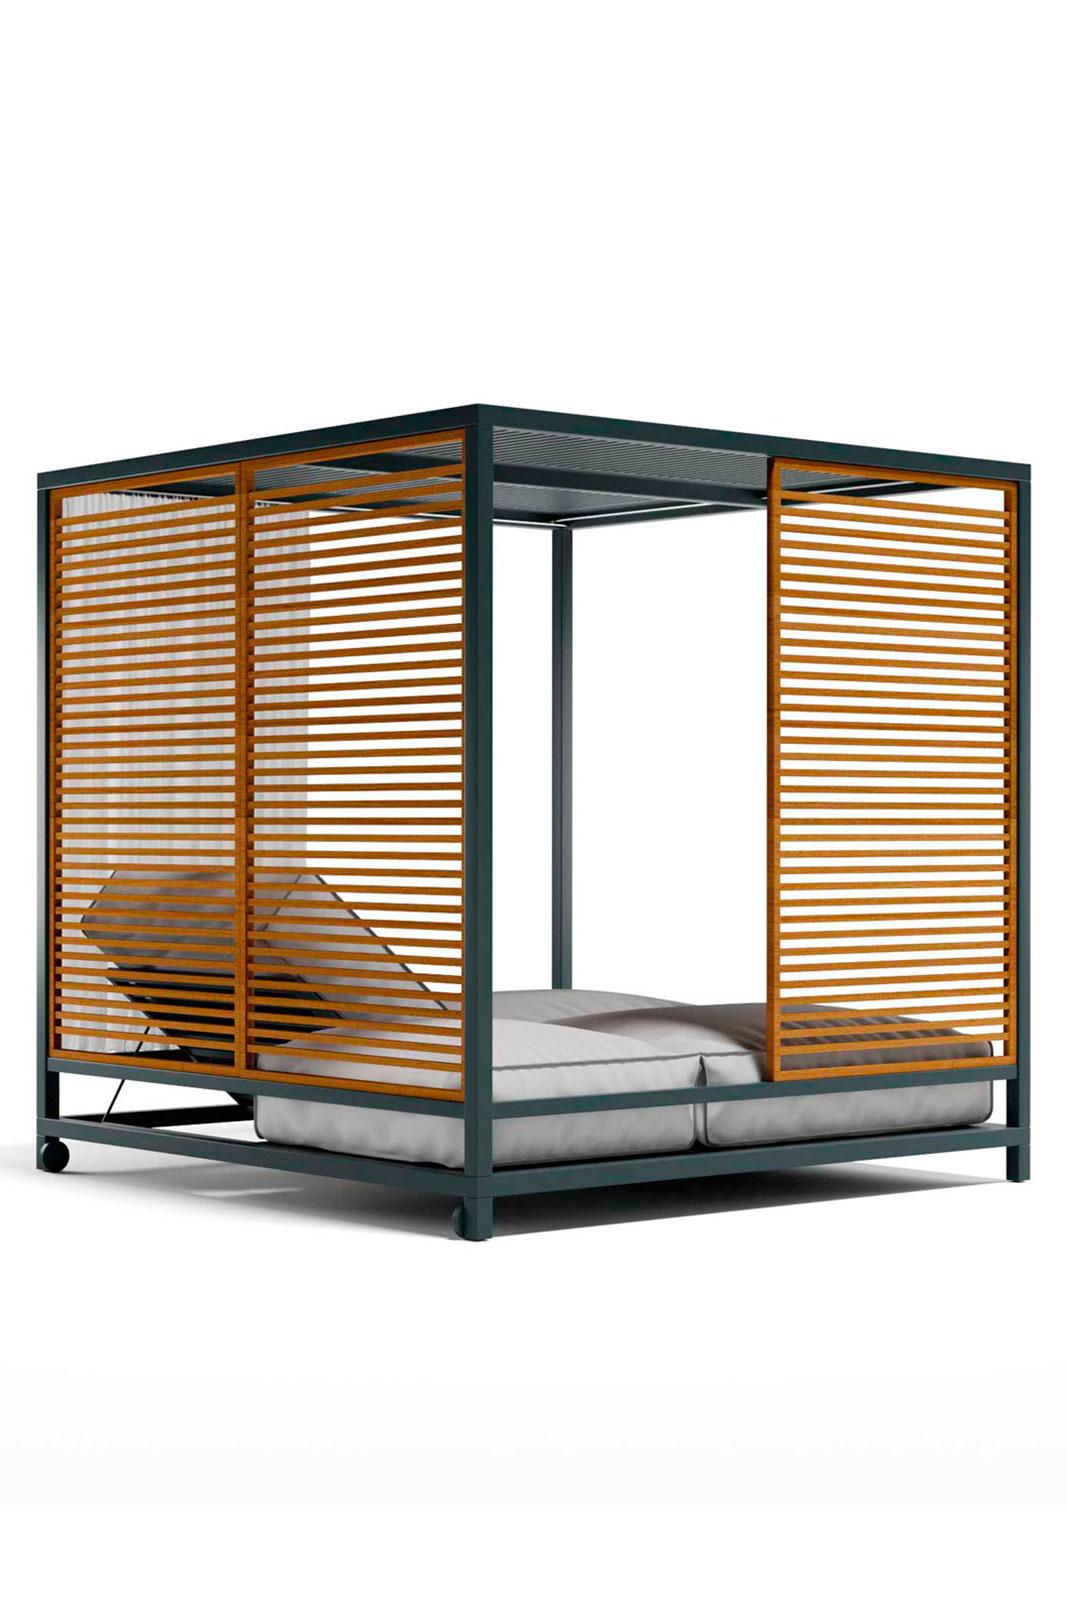 Day bed da esterno in alluminio di grandi dimensioni. 2 materassi reclinabili, soffitto filtrante. Pannelli modulari in teak, tende laterali. Vendita online